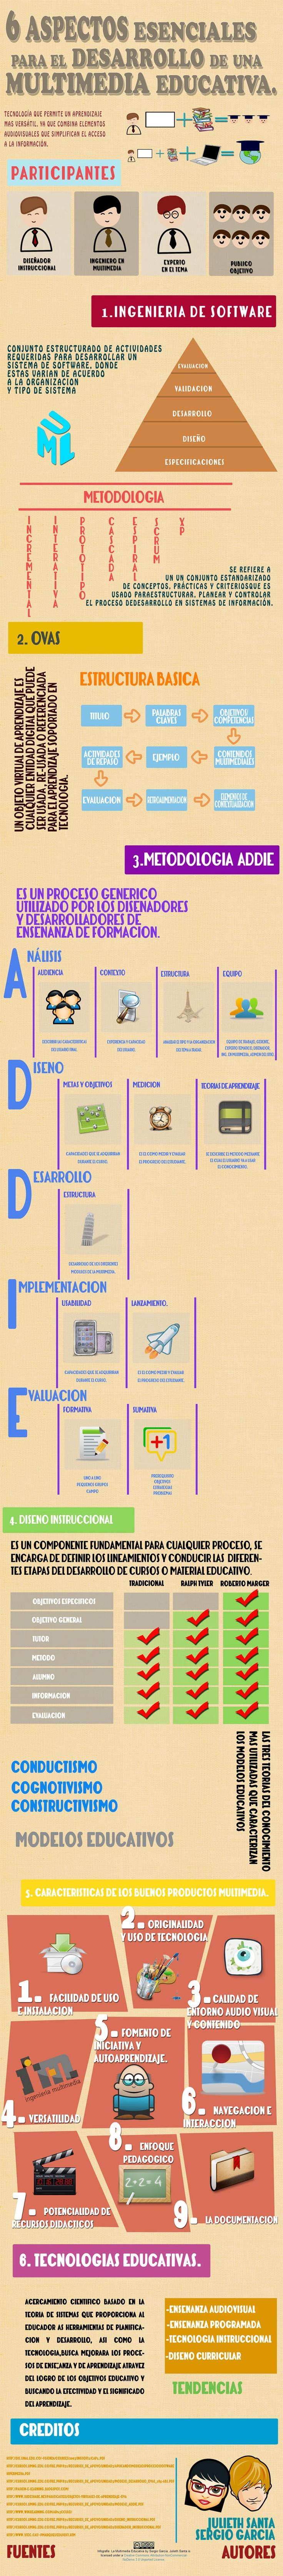 """La siguiente infografía corresponde a una de las actividades desarrolladas por los estudiantes de Ingeniería Multimedia de la Universidad Militar Nueva Granada, en la asignatura electiva """"Multimedia Educativa"""". Allí se resume de una manera muy didáctica, los aspectos fundamentales que se deben tener en cuenta para el diseño y desarrollo de un producto multimedia educativo."""